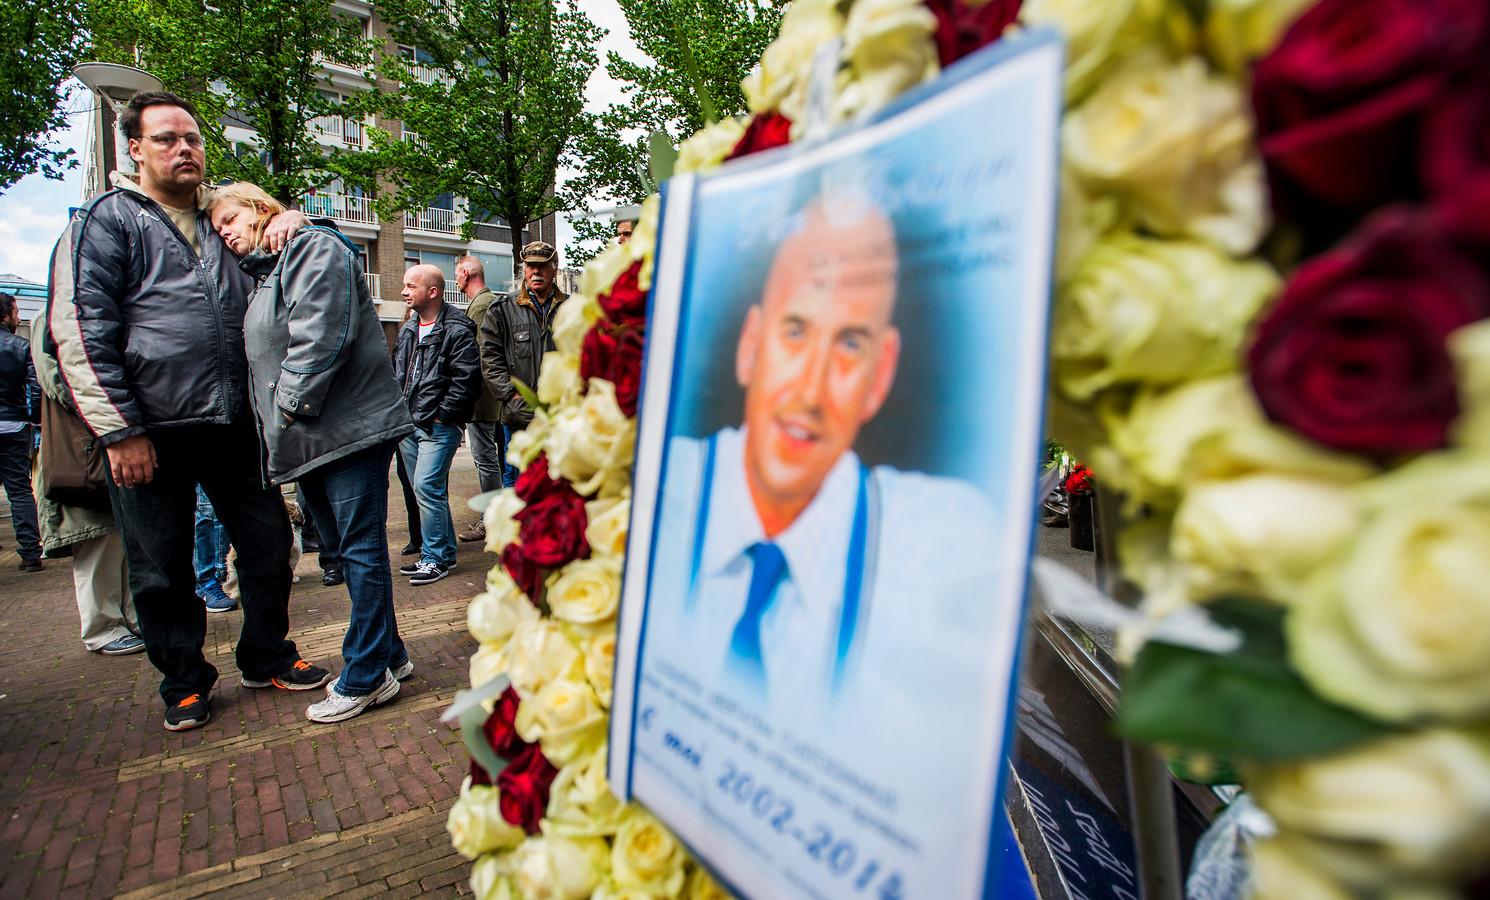 Aanhangers van de door Volkert van der Graaf doodgeschoten Pim Fortuyn bij het monument van de politicus.